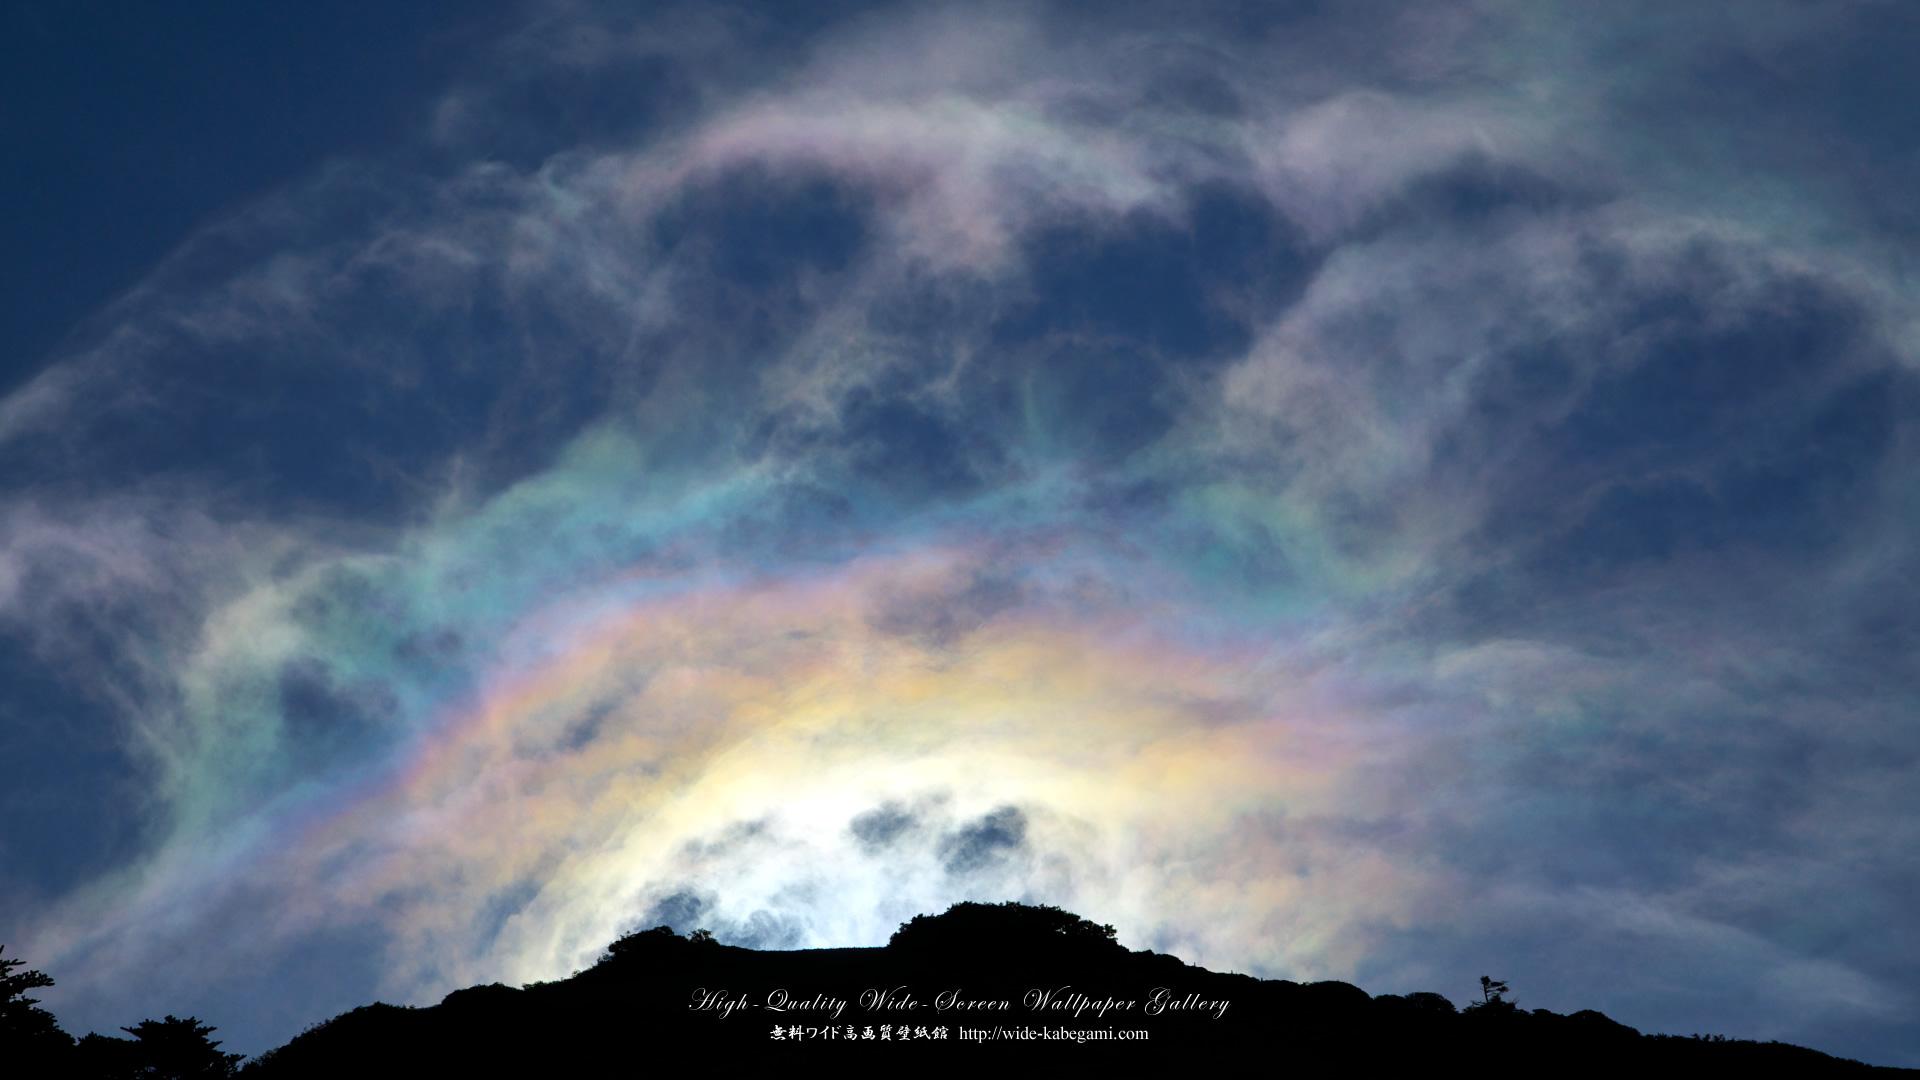 自然風景のワイド壁紙 1920x1080 彩雲 無料ワイド高画質壁紙館